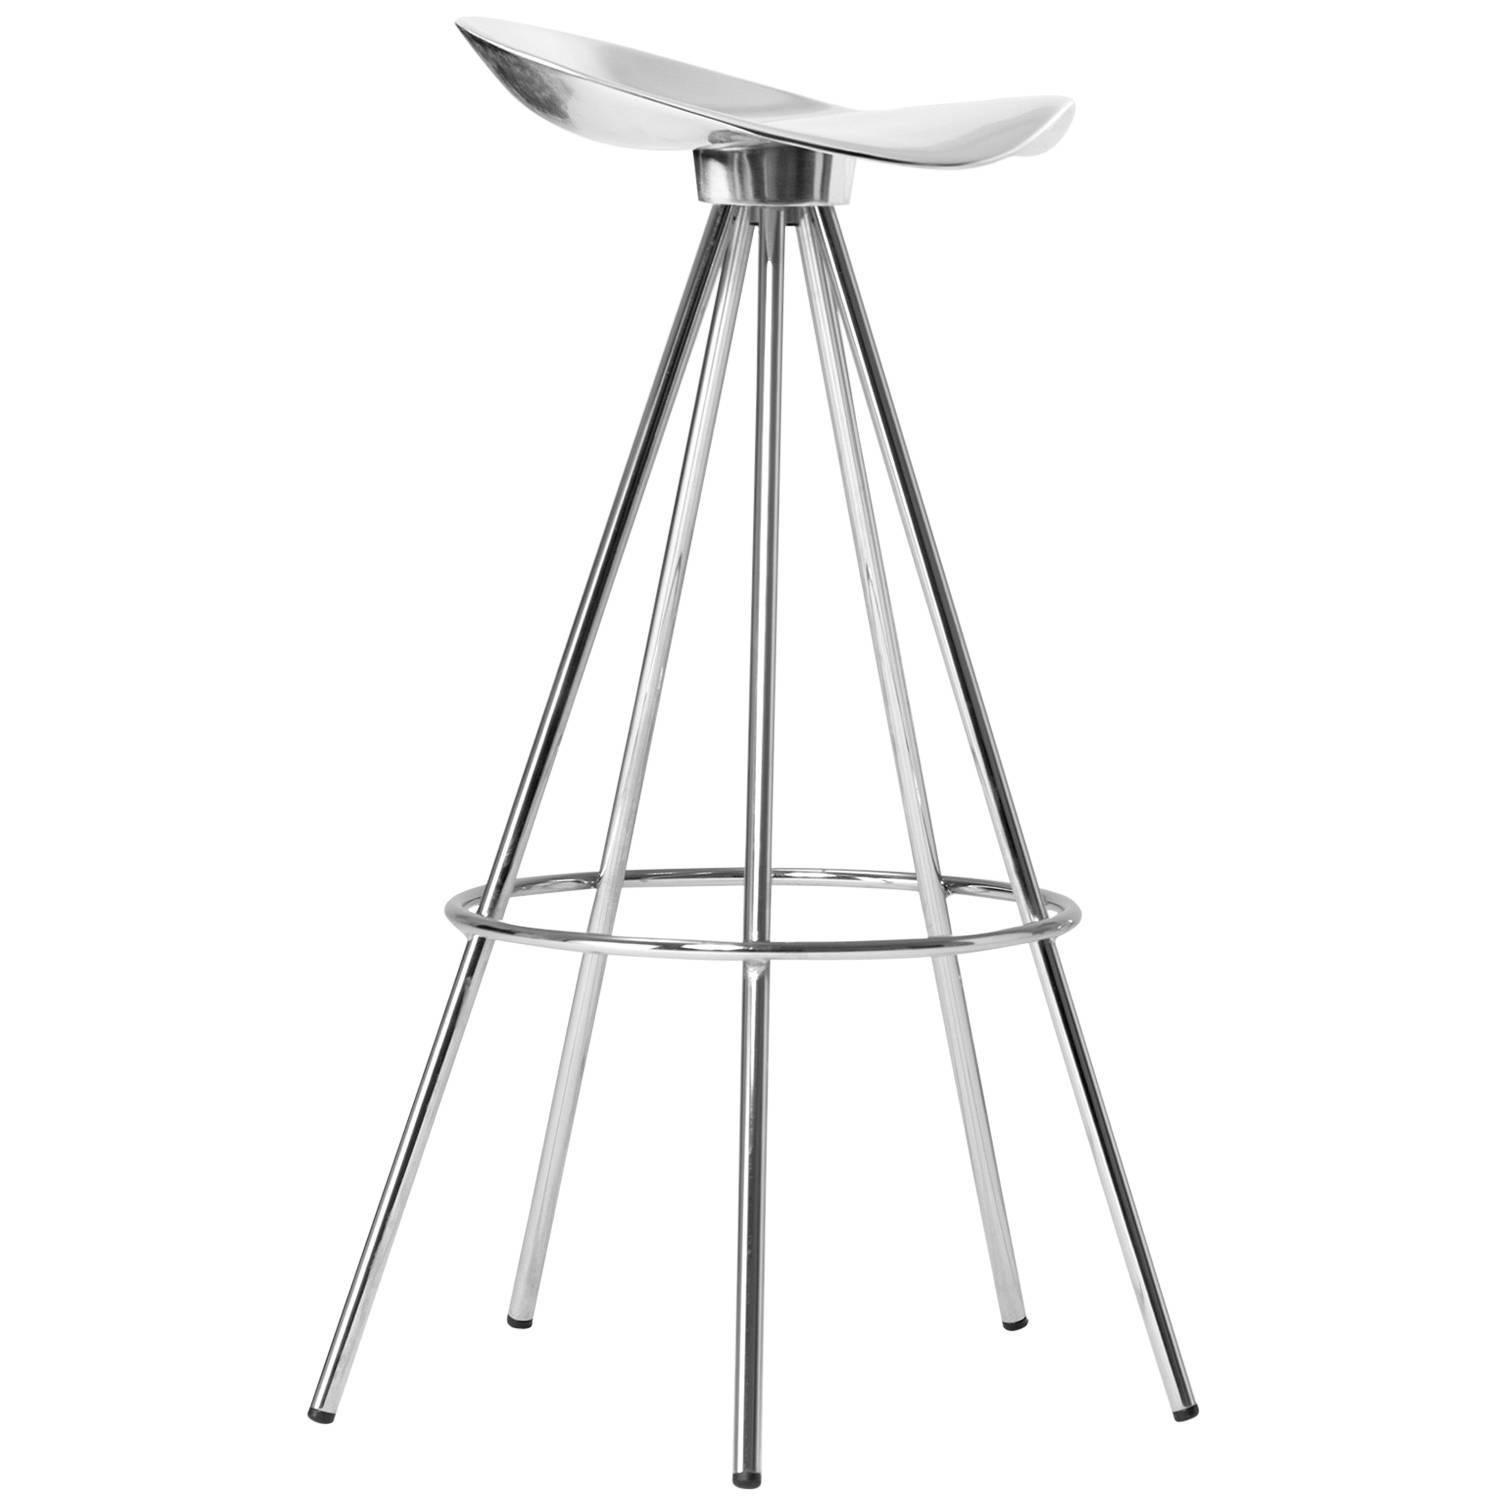 Jamaica aluminium bar stool